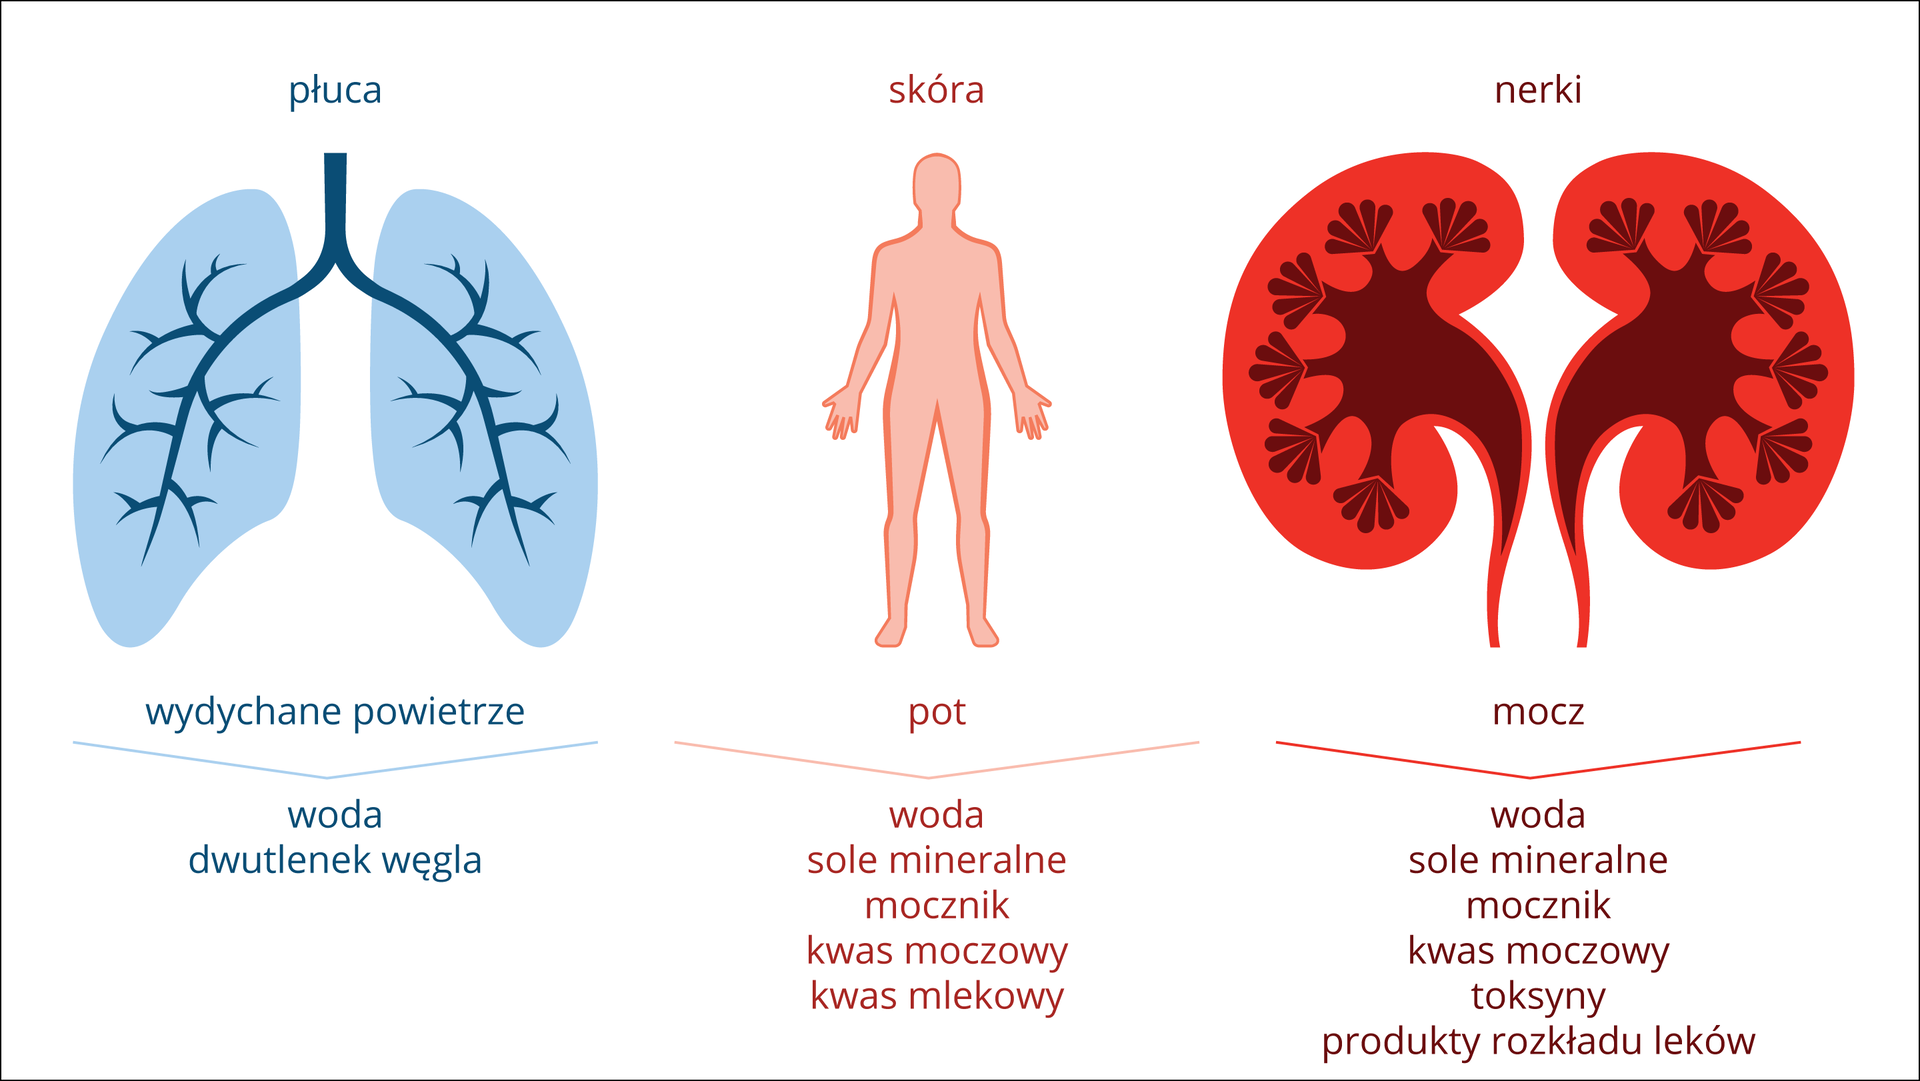 Ilustracja przedstawia schematycznie trzy narządy, służce do usuwania produktów przemiany materii. Zlewej niebiesko - granatowe płuca. Podpis: wydychane powietrze iwskazanie na wydalane produkty: woda idwutlenek węgla. Środkowy rysunek przedstawia różową sylwetkę człowieka. Podpis: pot iwydalane produkty: woda, sole mineralne, mocznik, kwas moczowy, kwas mlekowy. Zprawej jaskrawo pomarańczowo – brązowe nerki. Podpis: mocz iwydalane produkty: sole mineralne, mocznik, kwas moczowy, toksyny, produkty rozkładu leków.